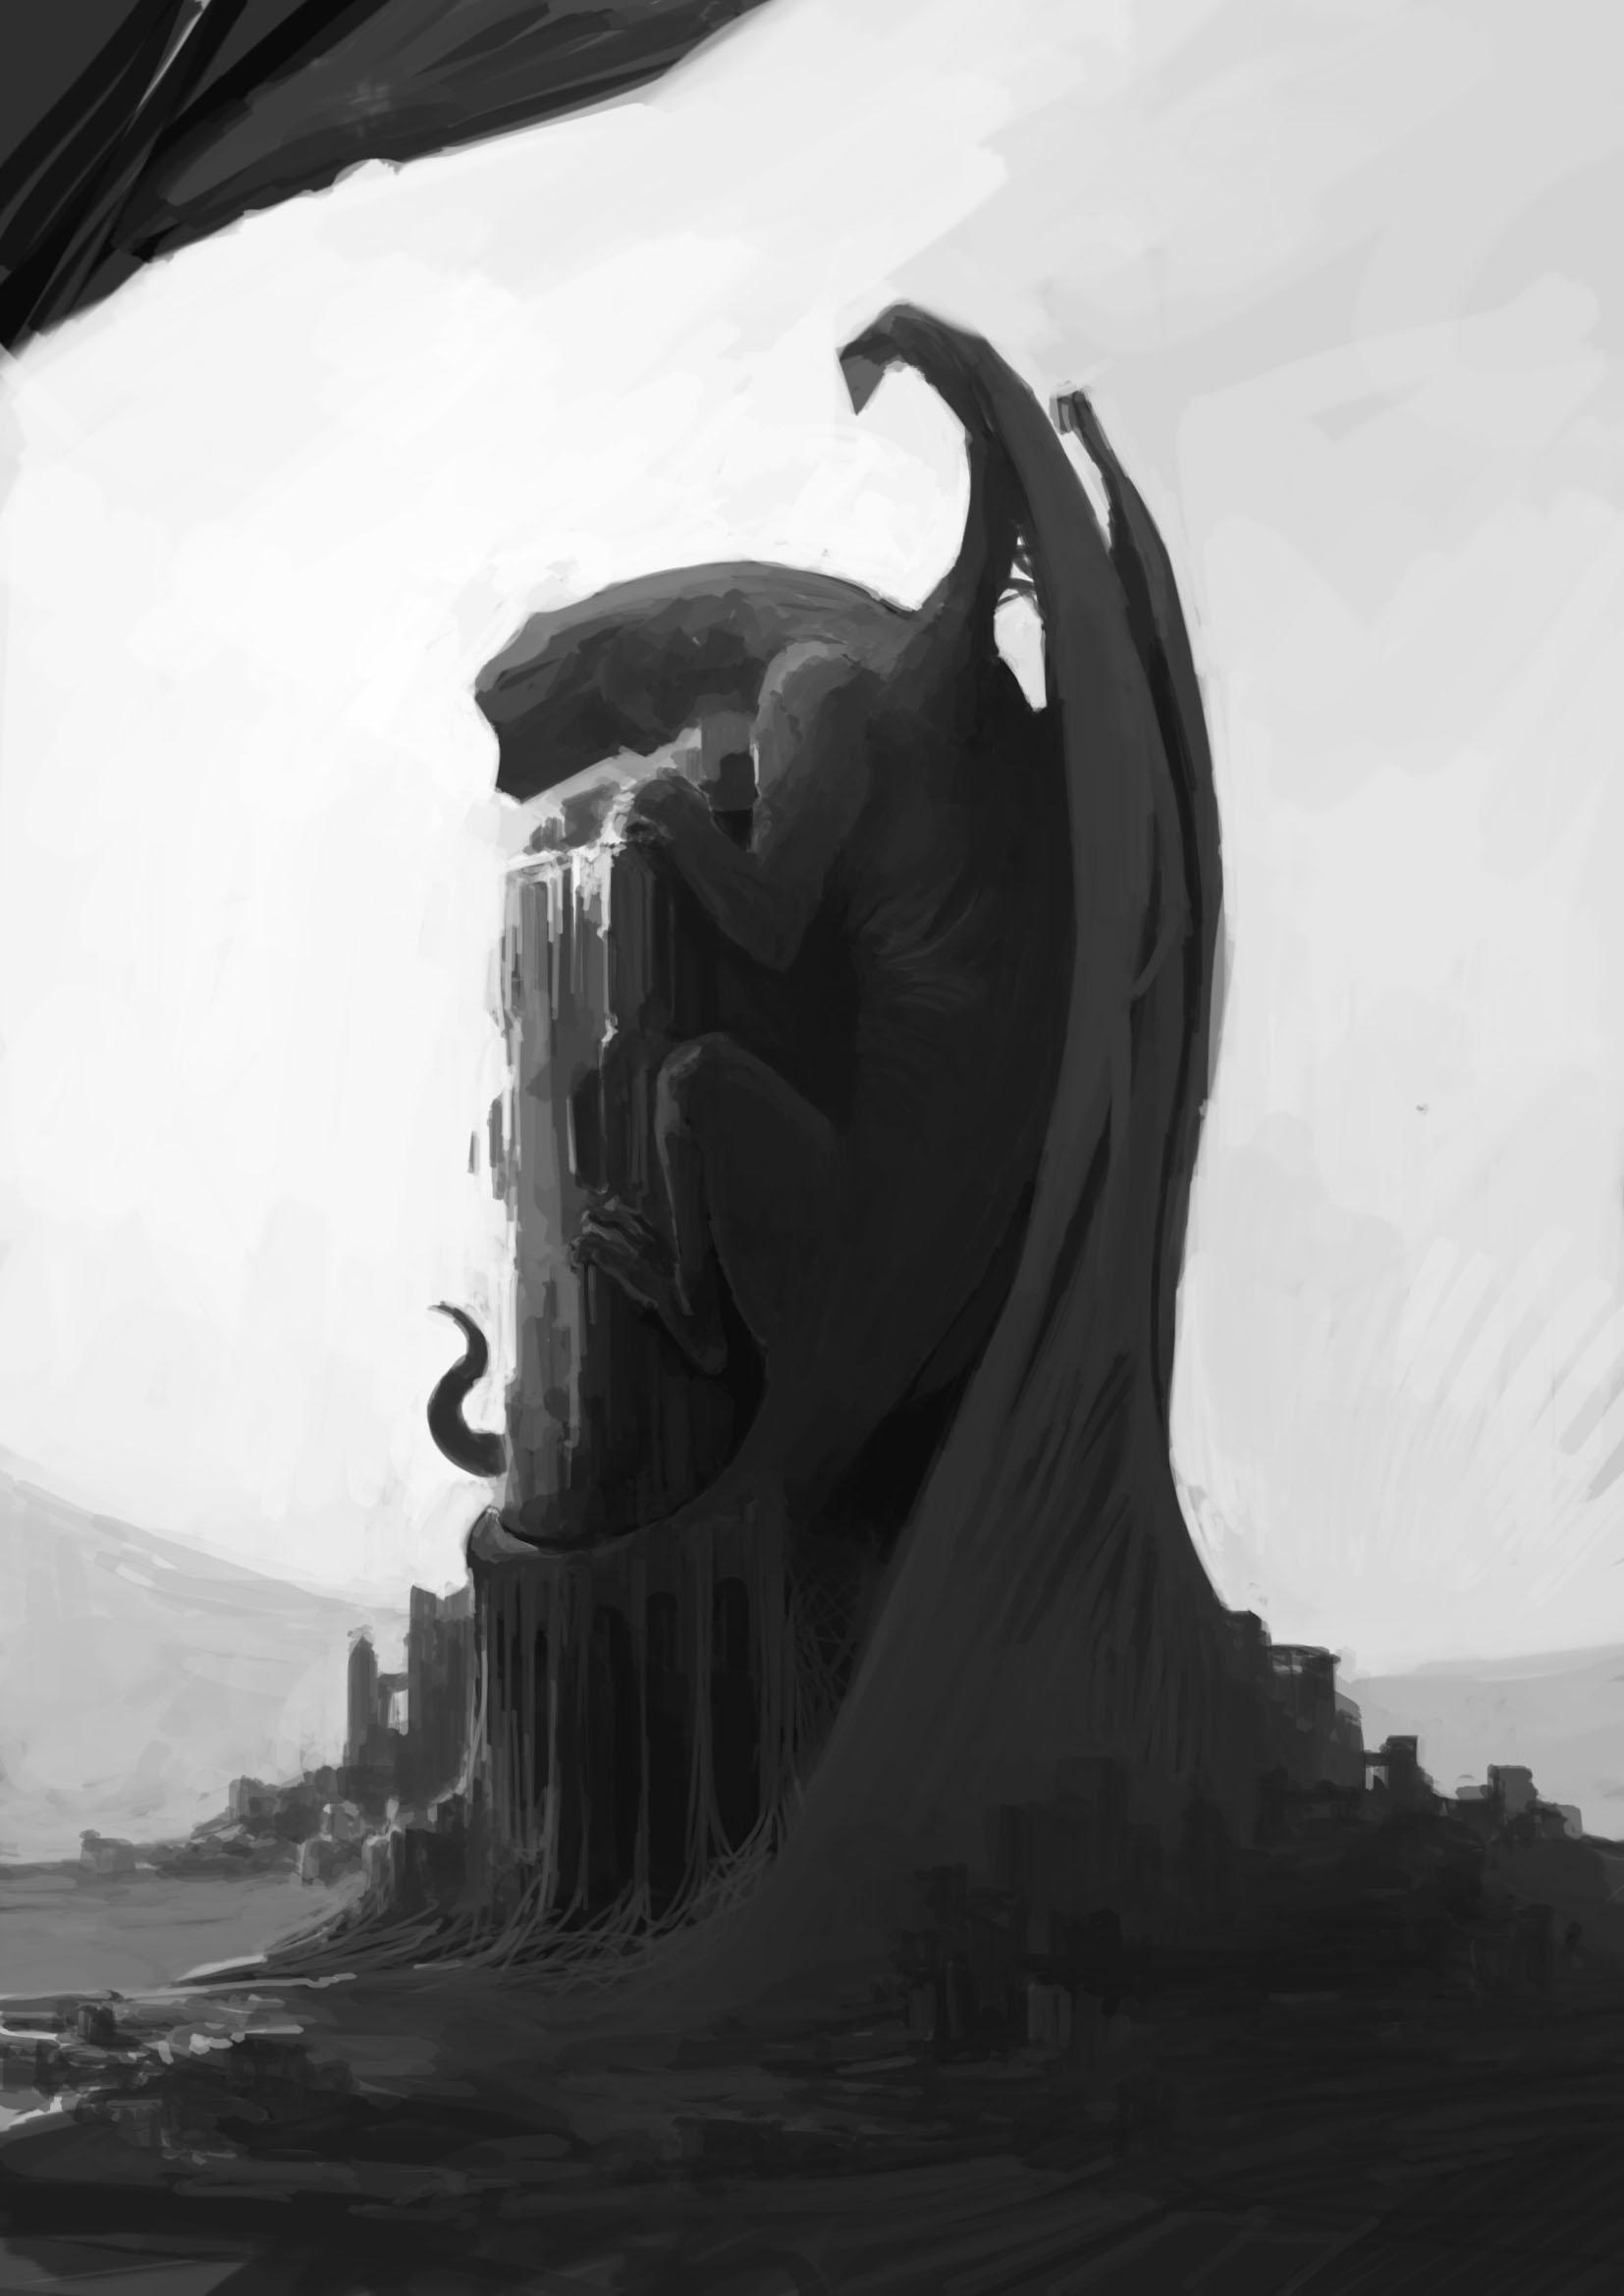 дракон на холме.jpg